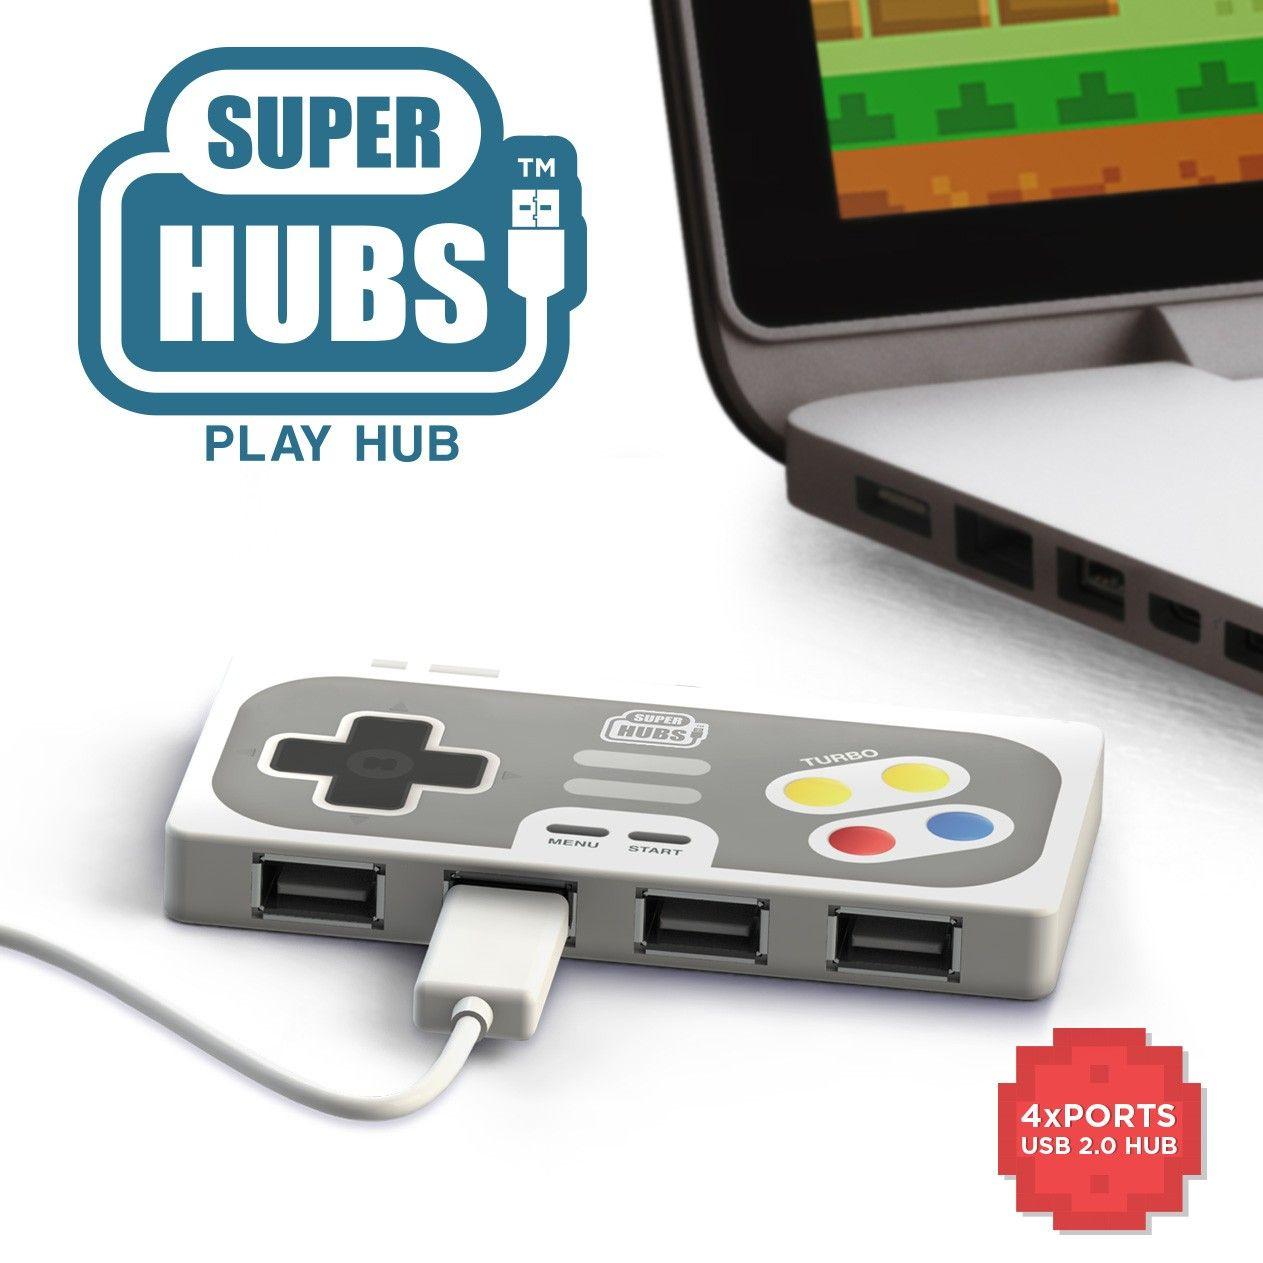 Mustard Playhub Super Hub 4 Port Usb Hub Sweatband Com